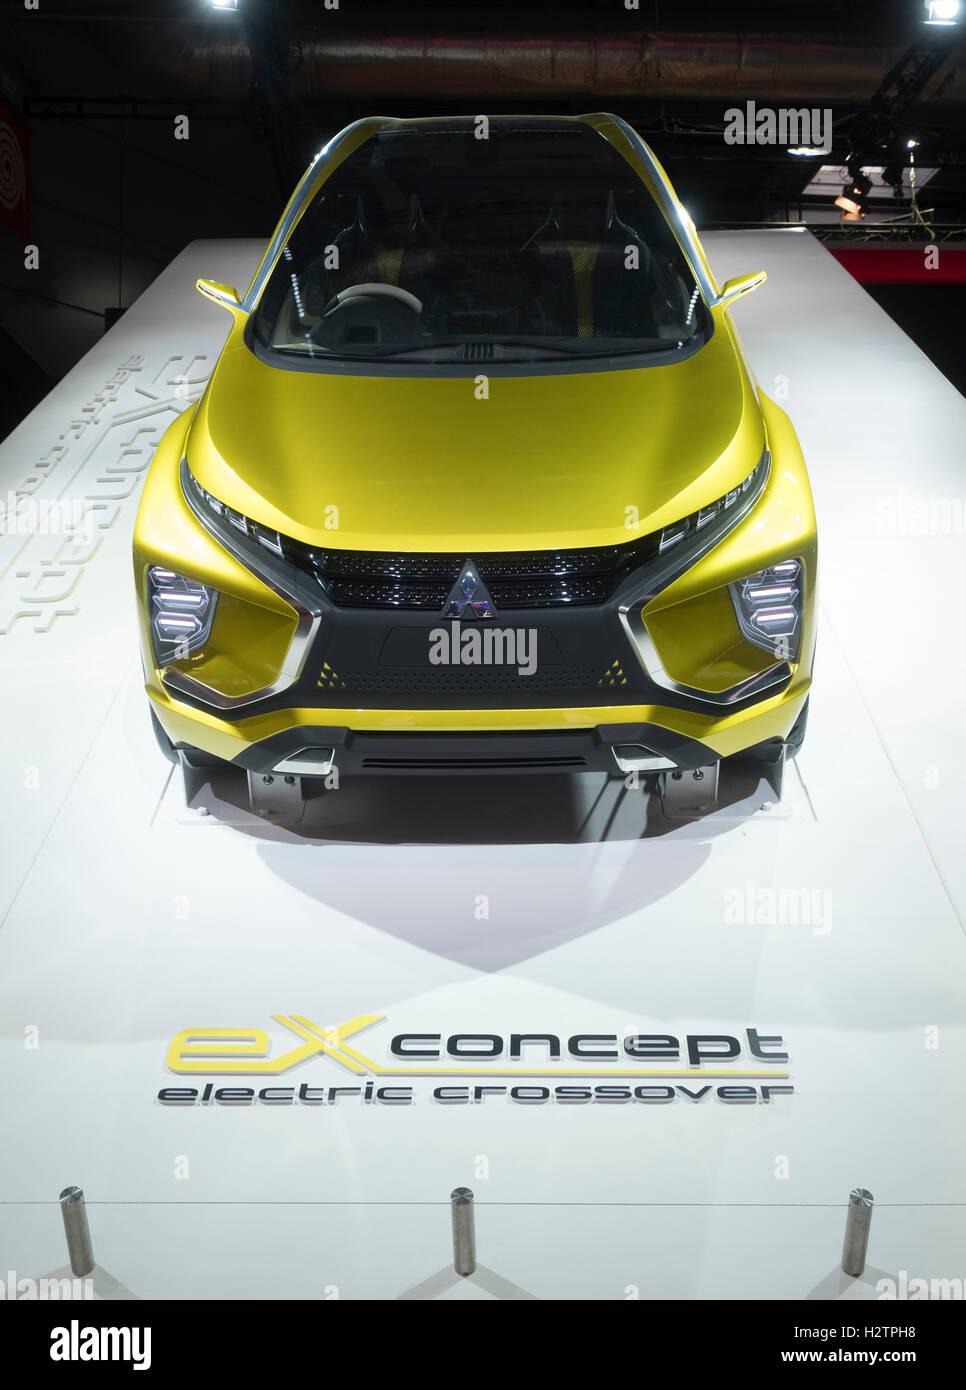 EX Mitsubishi Electric concept croisé véhicule à Paris Motor Show 2016 Photo Stock